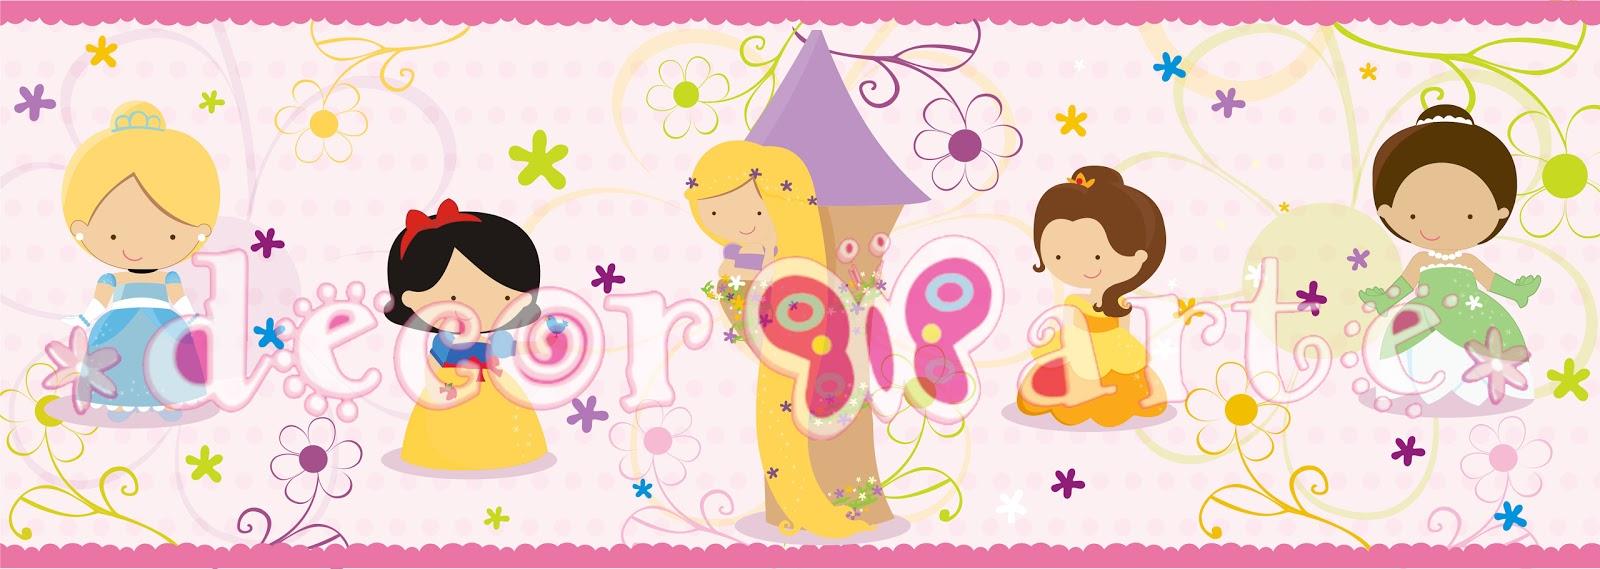 Cenefas infantiles de las princesas para imprimir imagui - Cenefas infantiles para imprimir ...